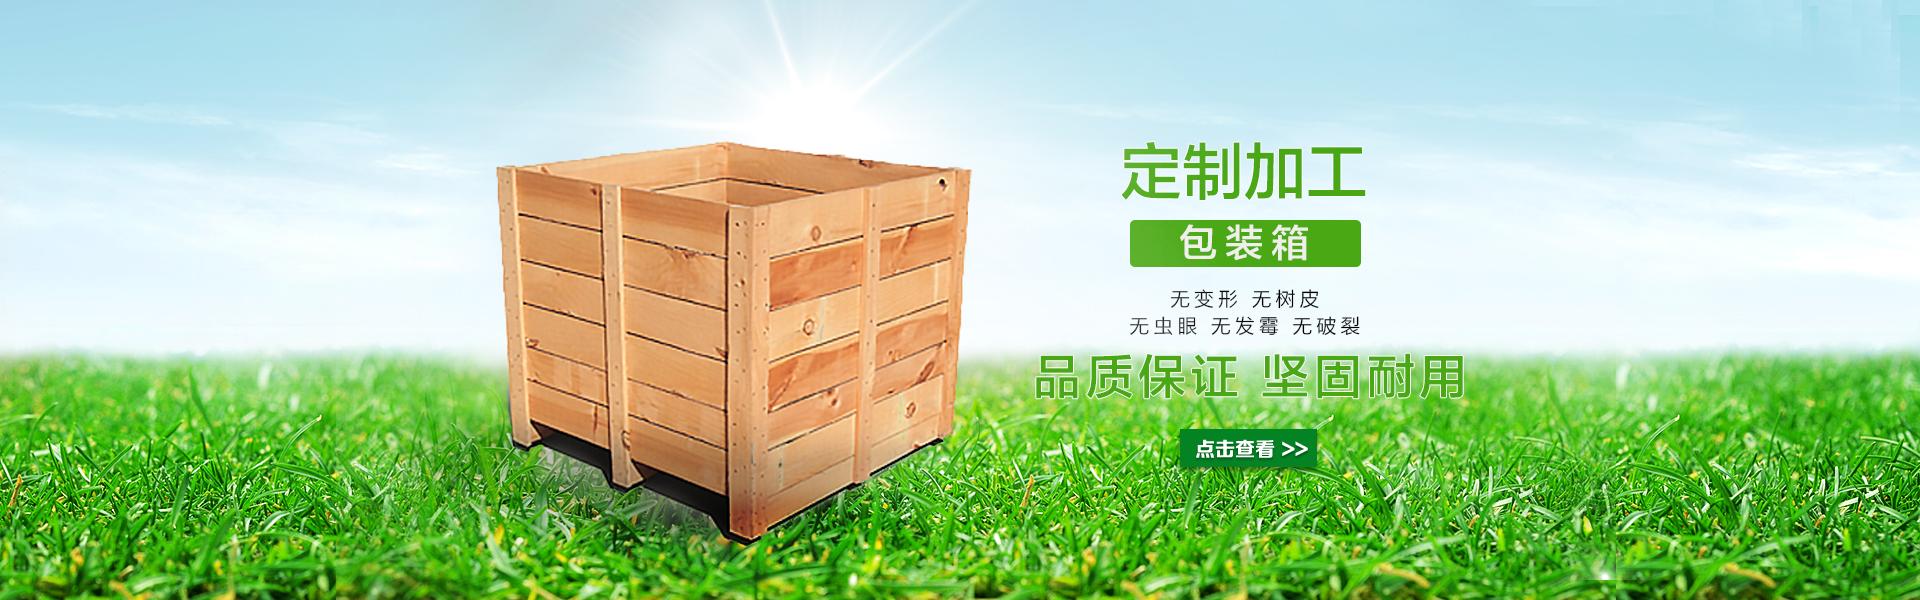 东莞市塘厦鑫凯威木制品厂